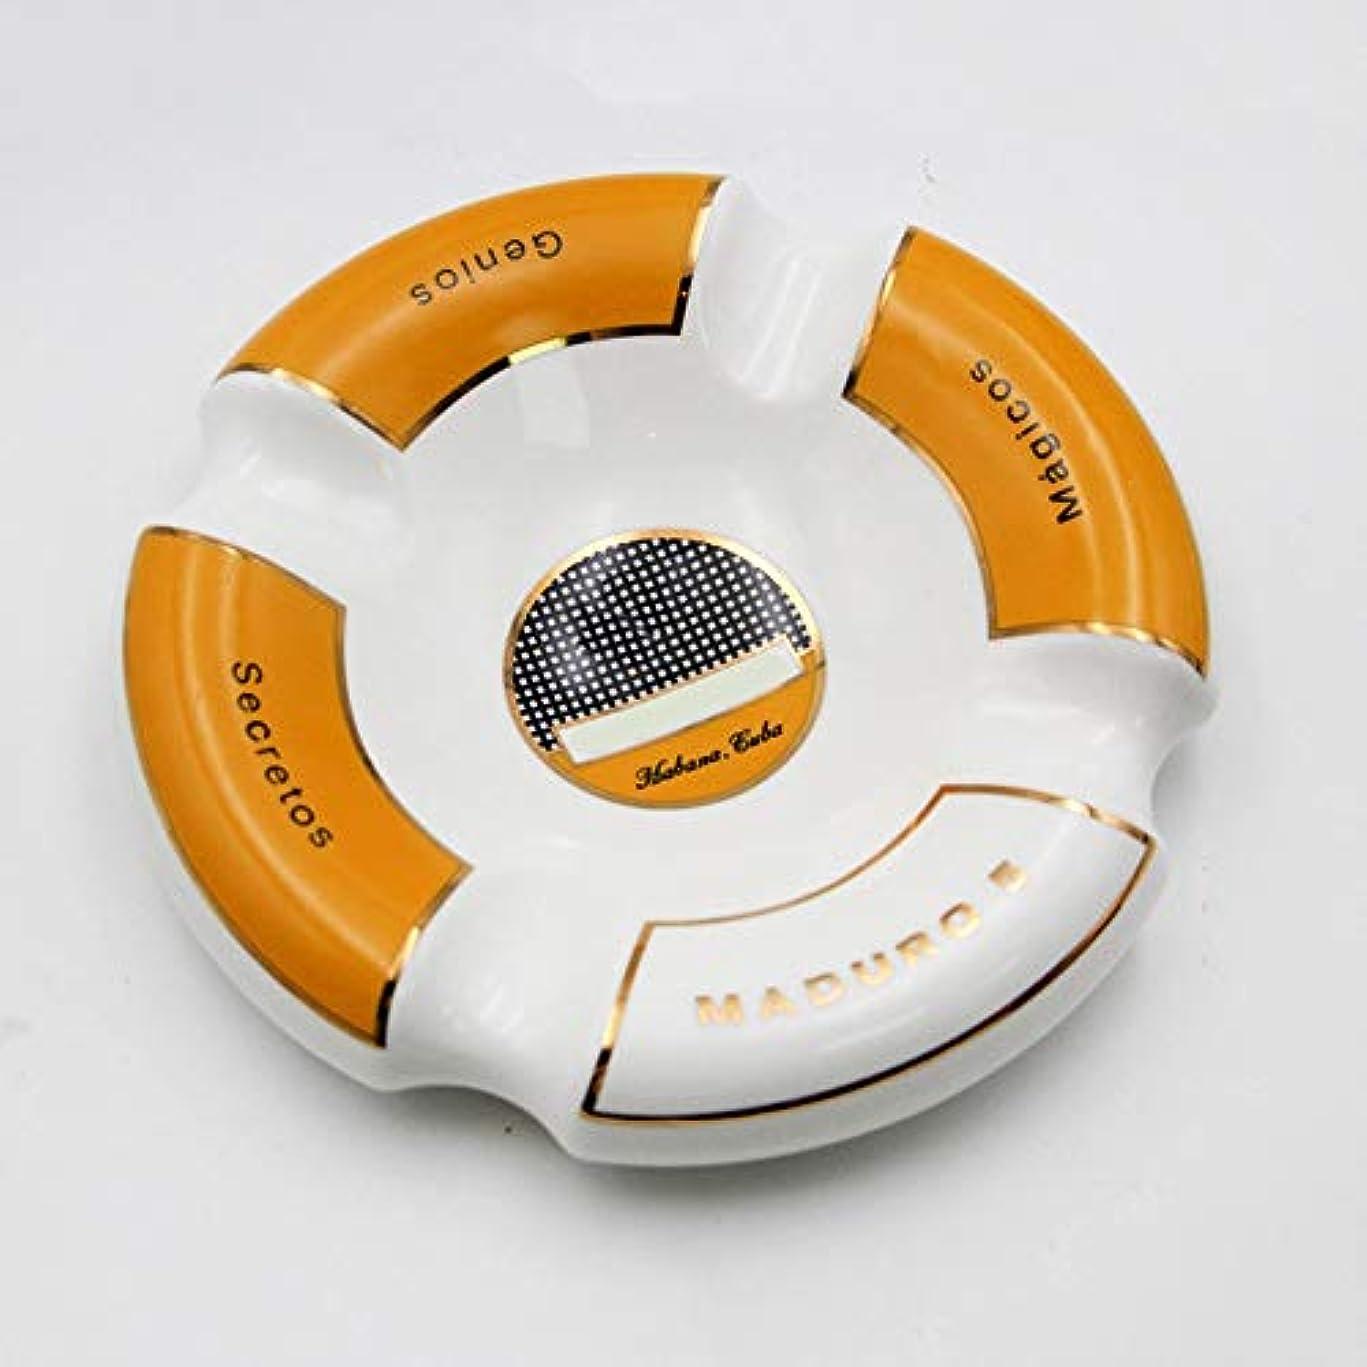 とは異なりそれぞれ部タバコ、ギフトおよび総本店の装飾のための灰皿円形の光沢のあるセラミック灰皿